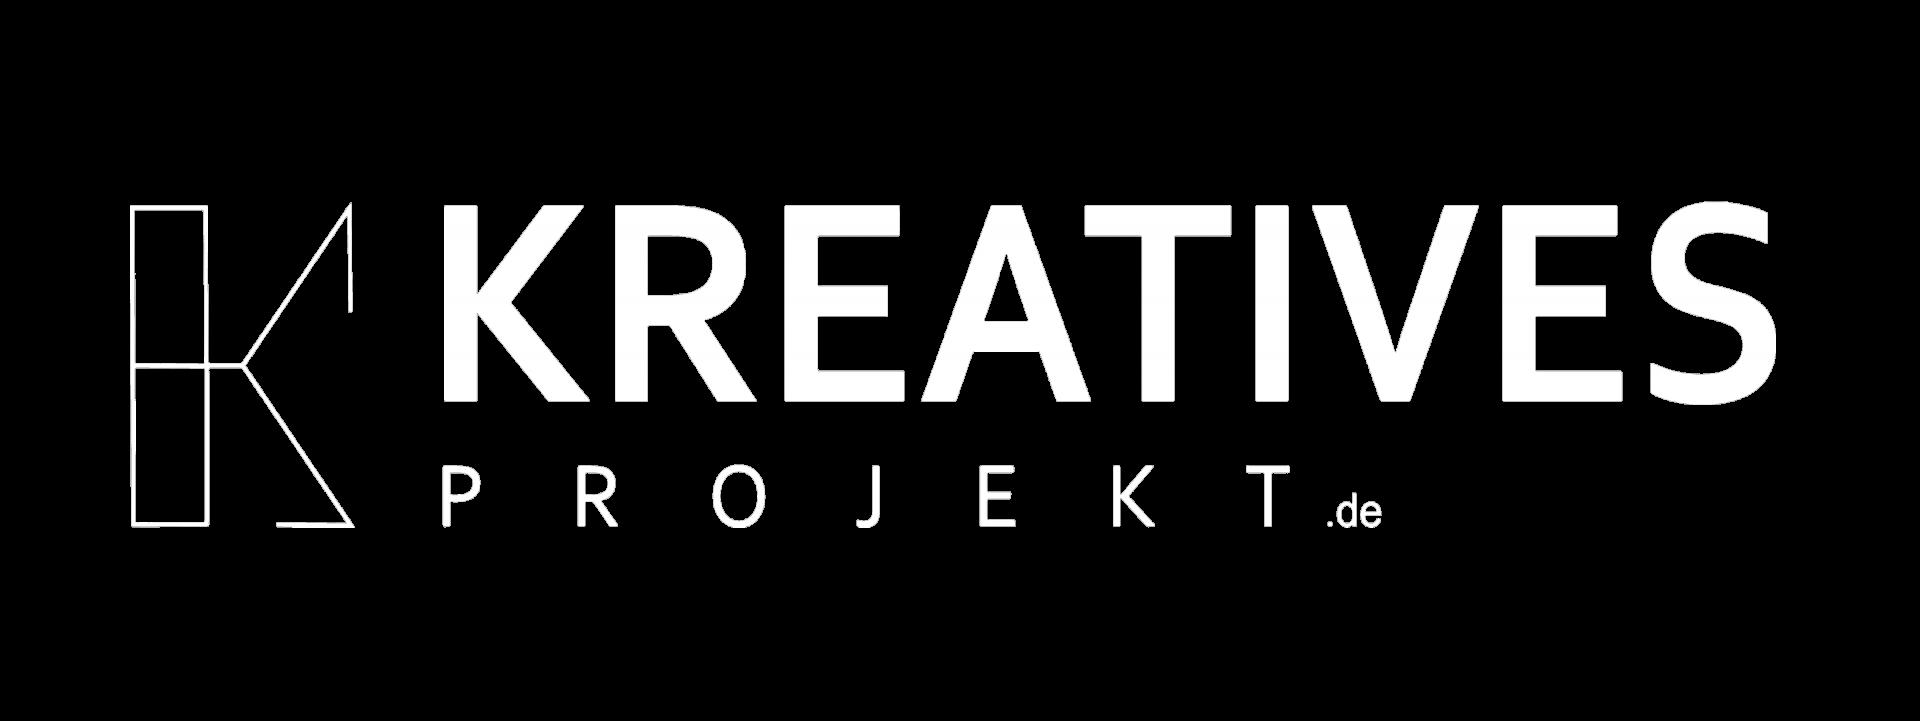 Kreatives-Projekt